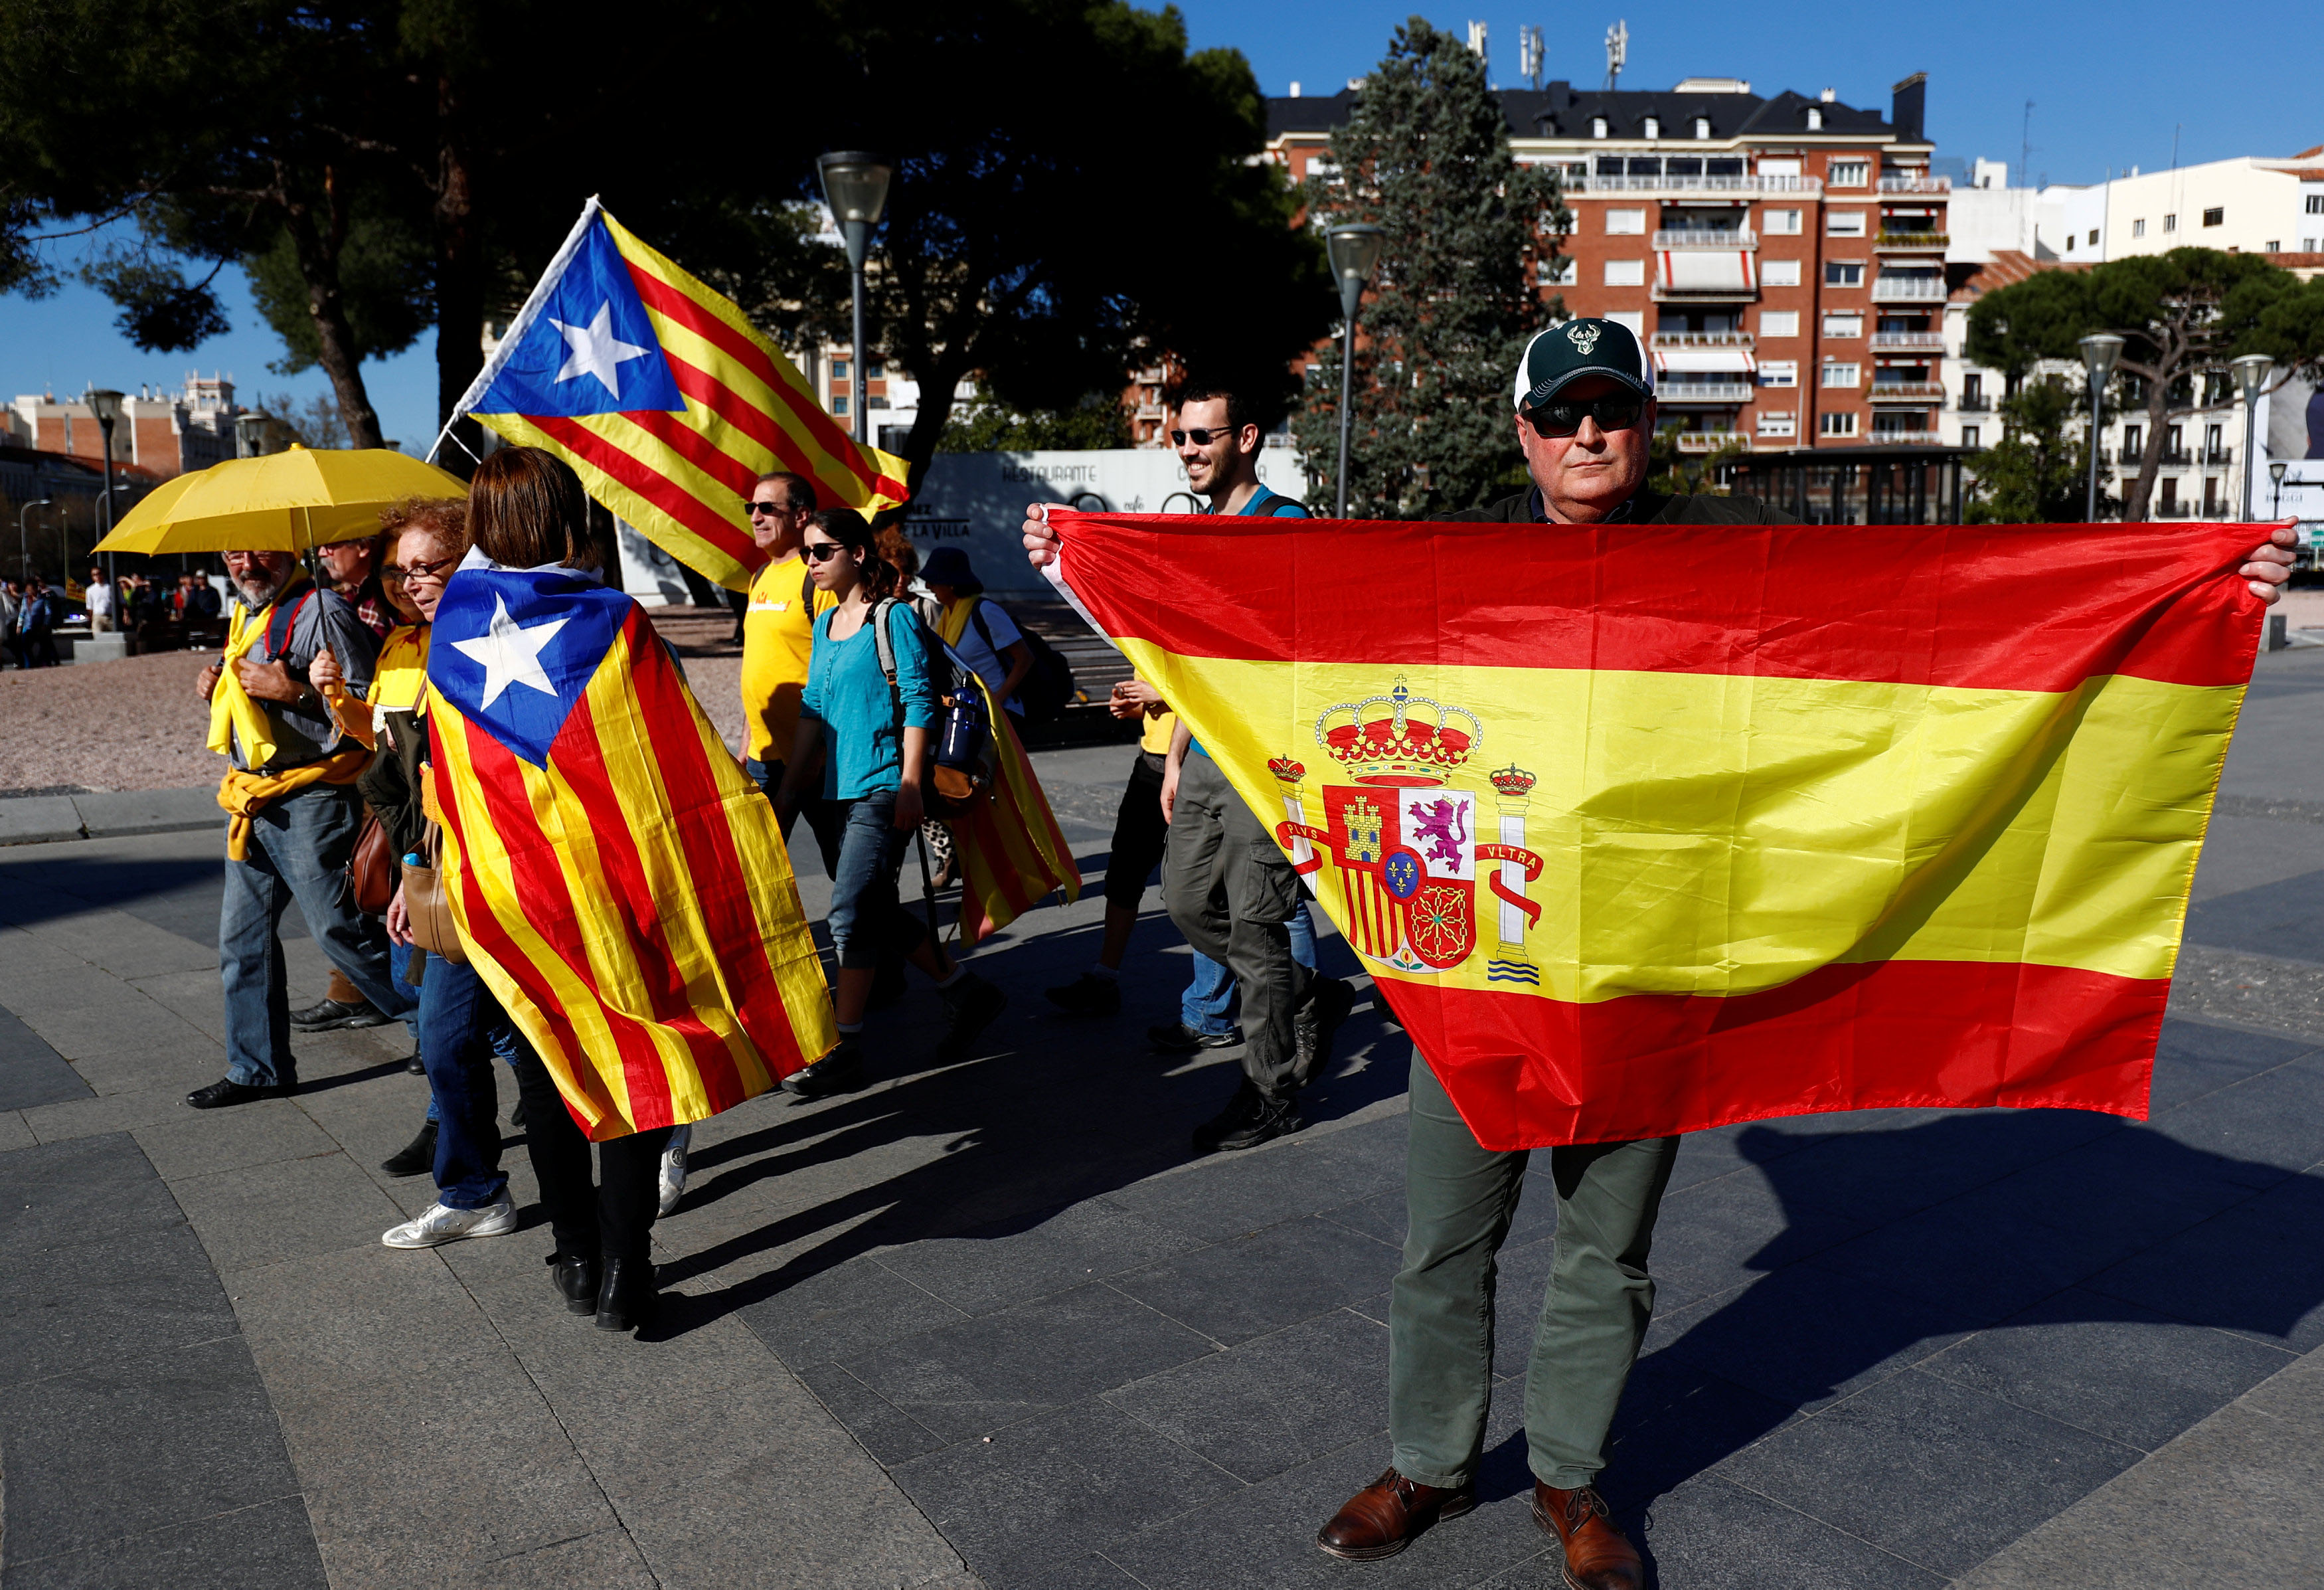 Un hombre sostiene una bandera española junto a personas con banderas estelades, que participaban en la marcha por el derecho a decidir de este fin de semana en Madrid. REUTERS / Juan Medina